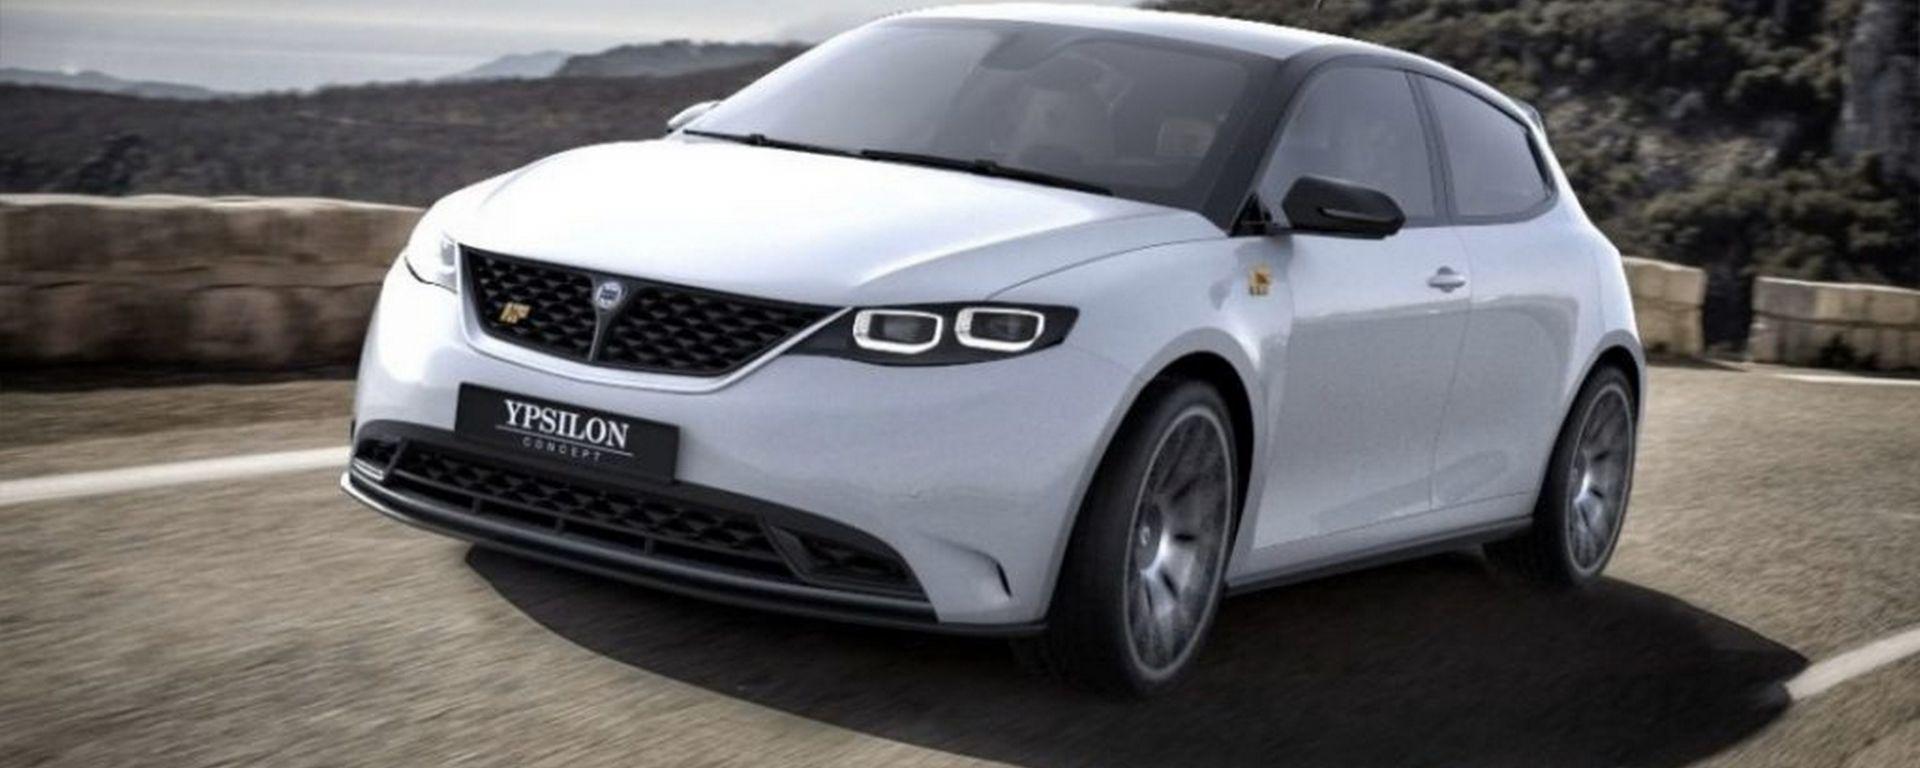 Lancia Ypsilon nuova generazione: il render di Andrea Bonamore (I Love Lancia)